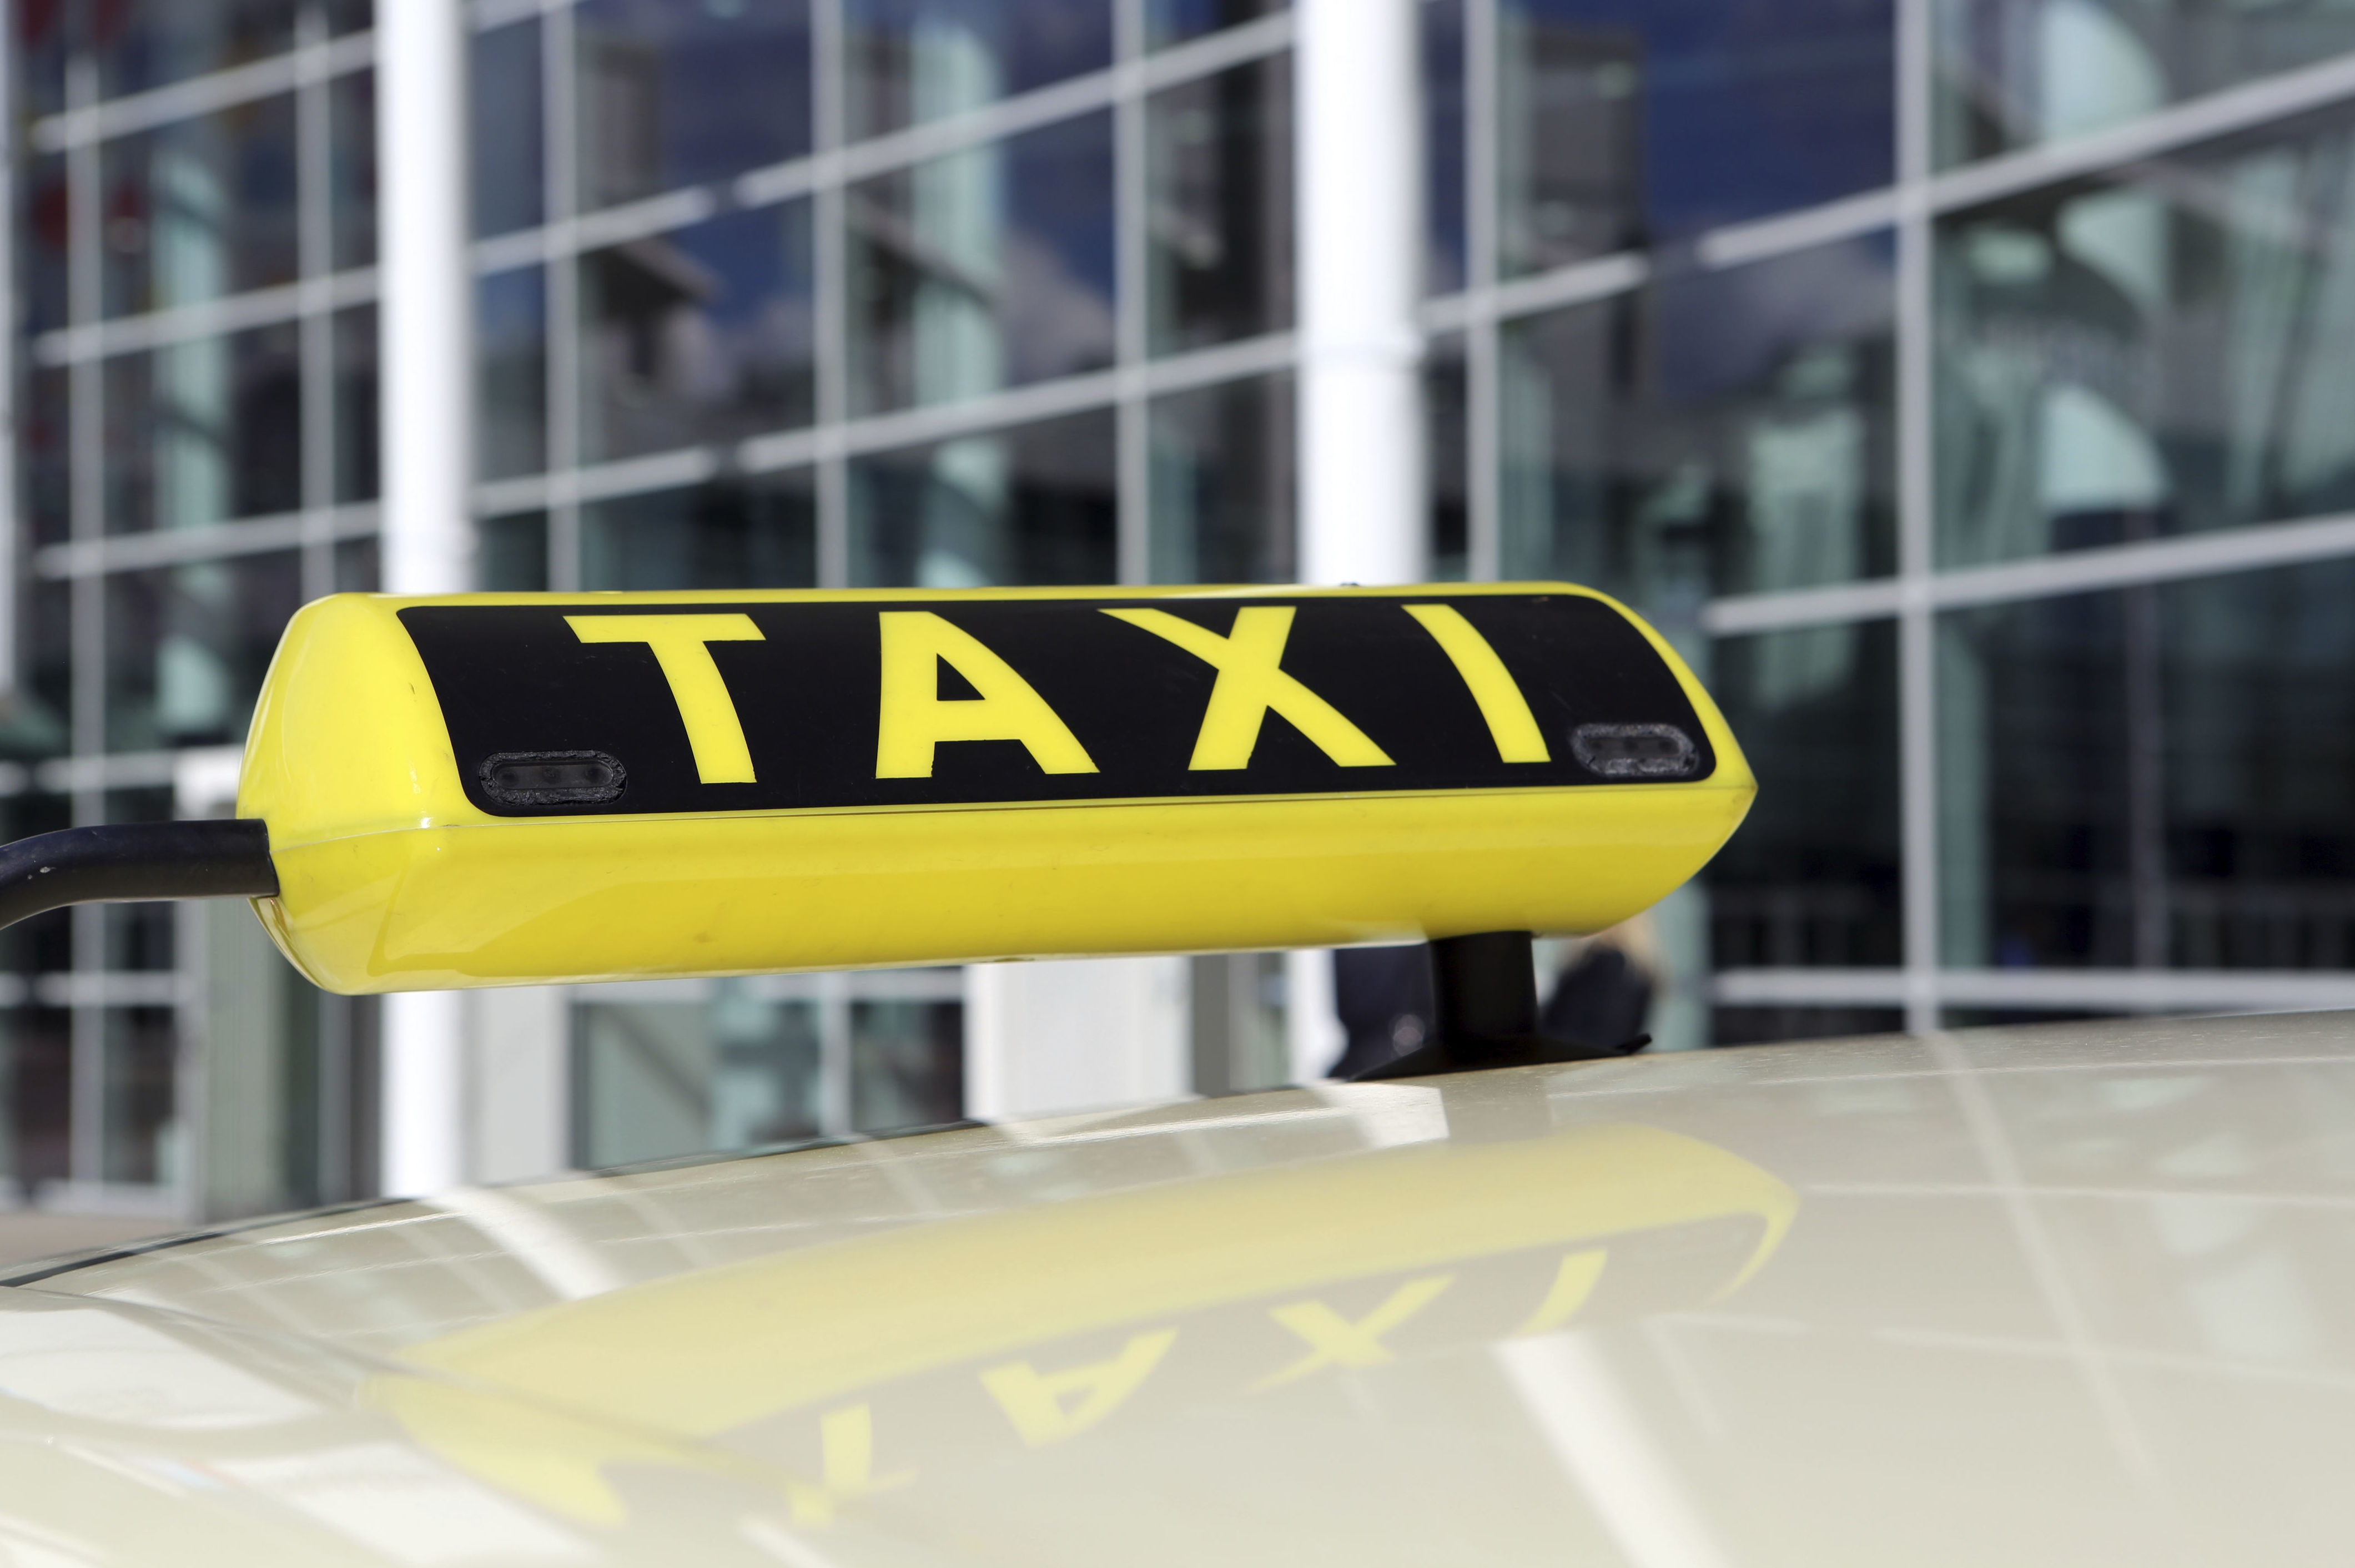 Traslados urbanos: Servicios de Taxi 9 Plazas 24 horas